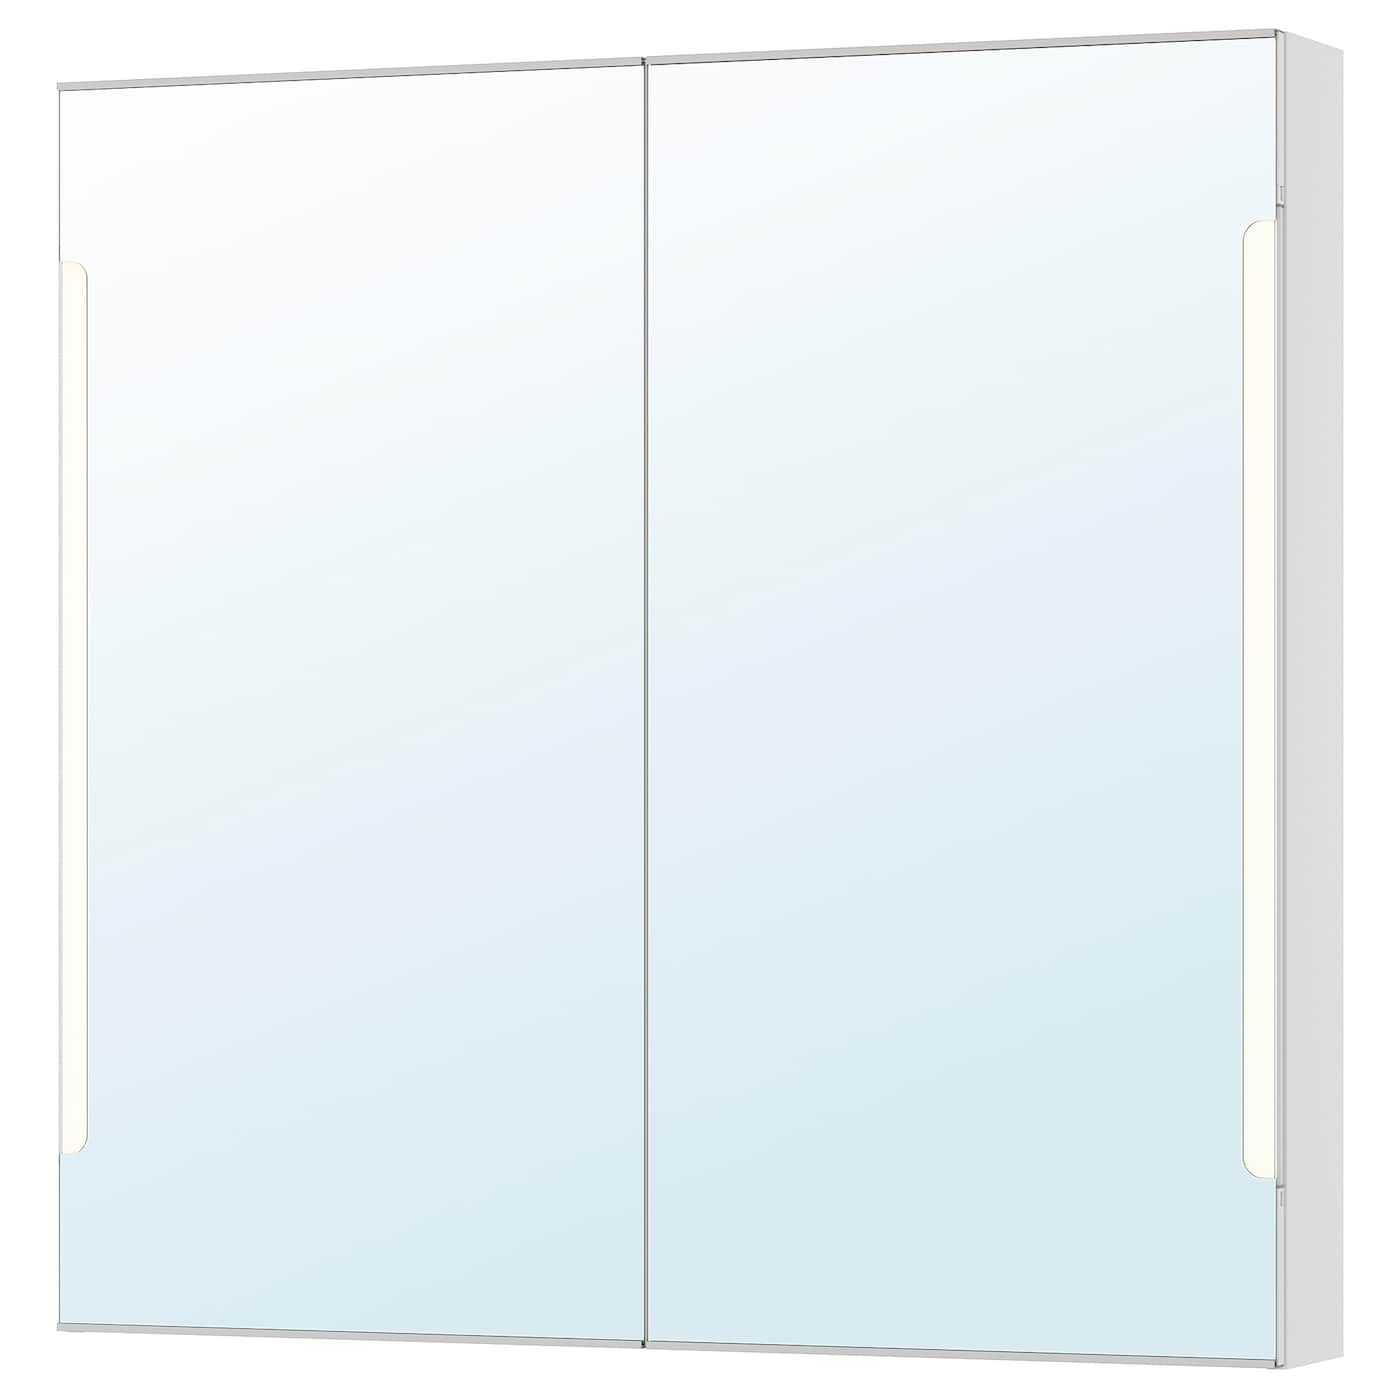 Storjorm Spiegelschrank M 2 Turen Int Bel Weiss Ikea Deutschland Mit Bildern Spiegelschrank